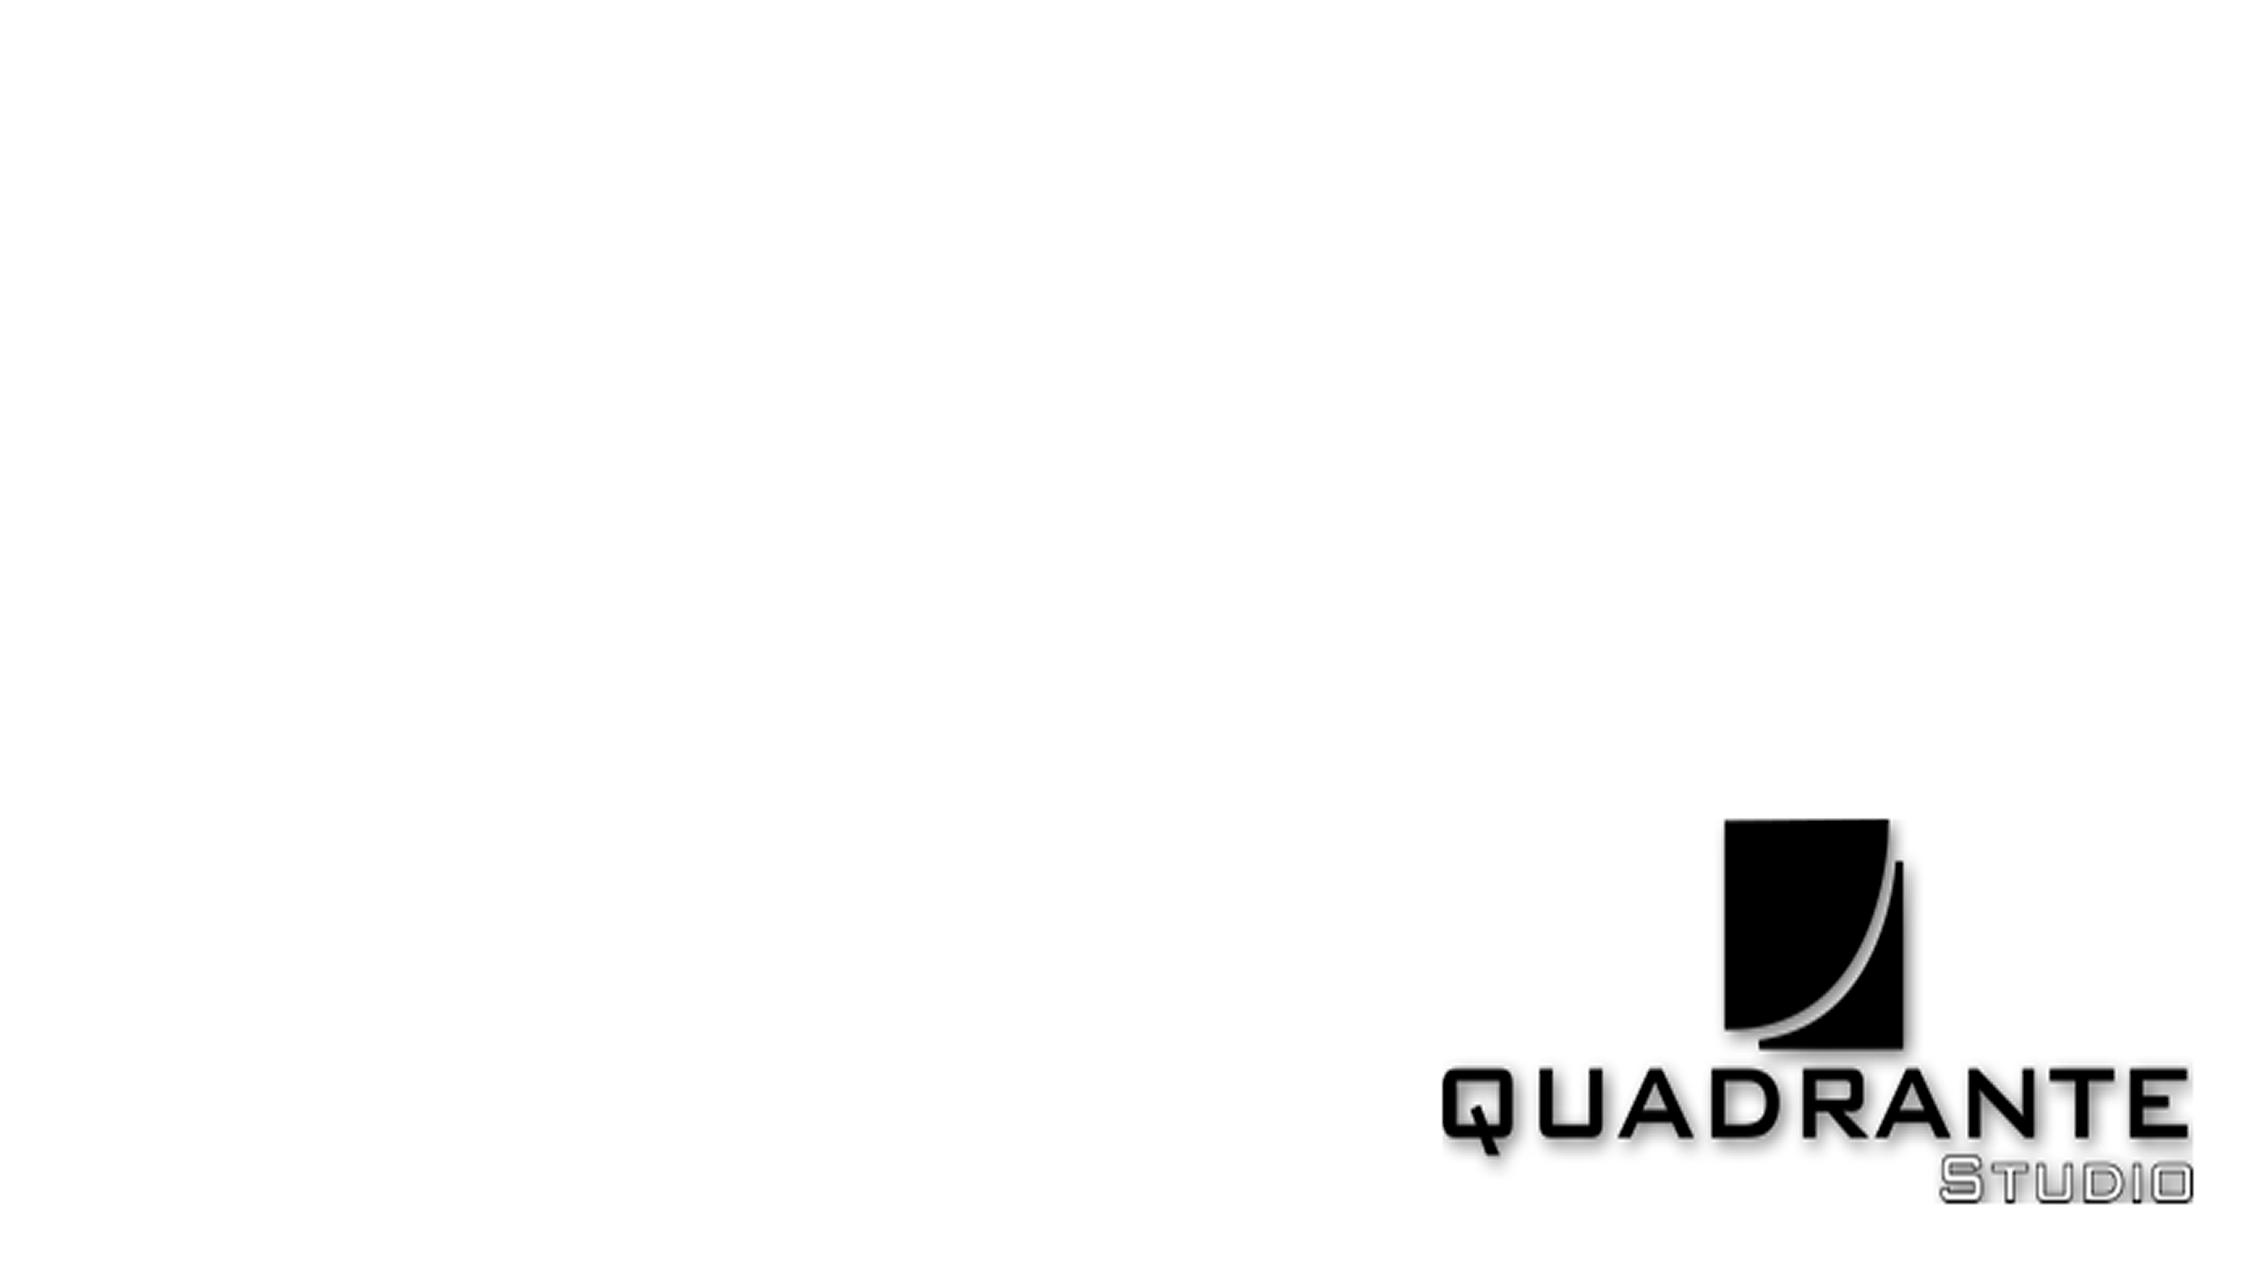 Quadrante Studio